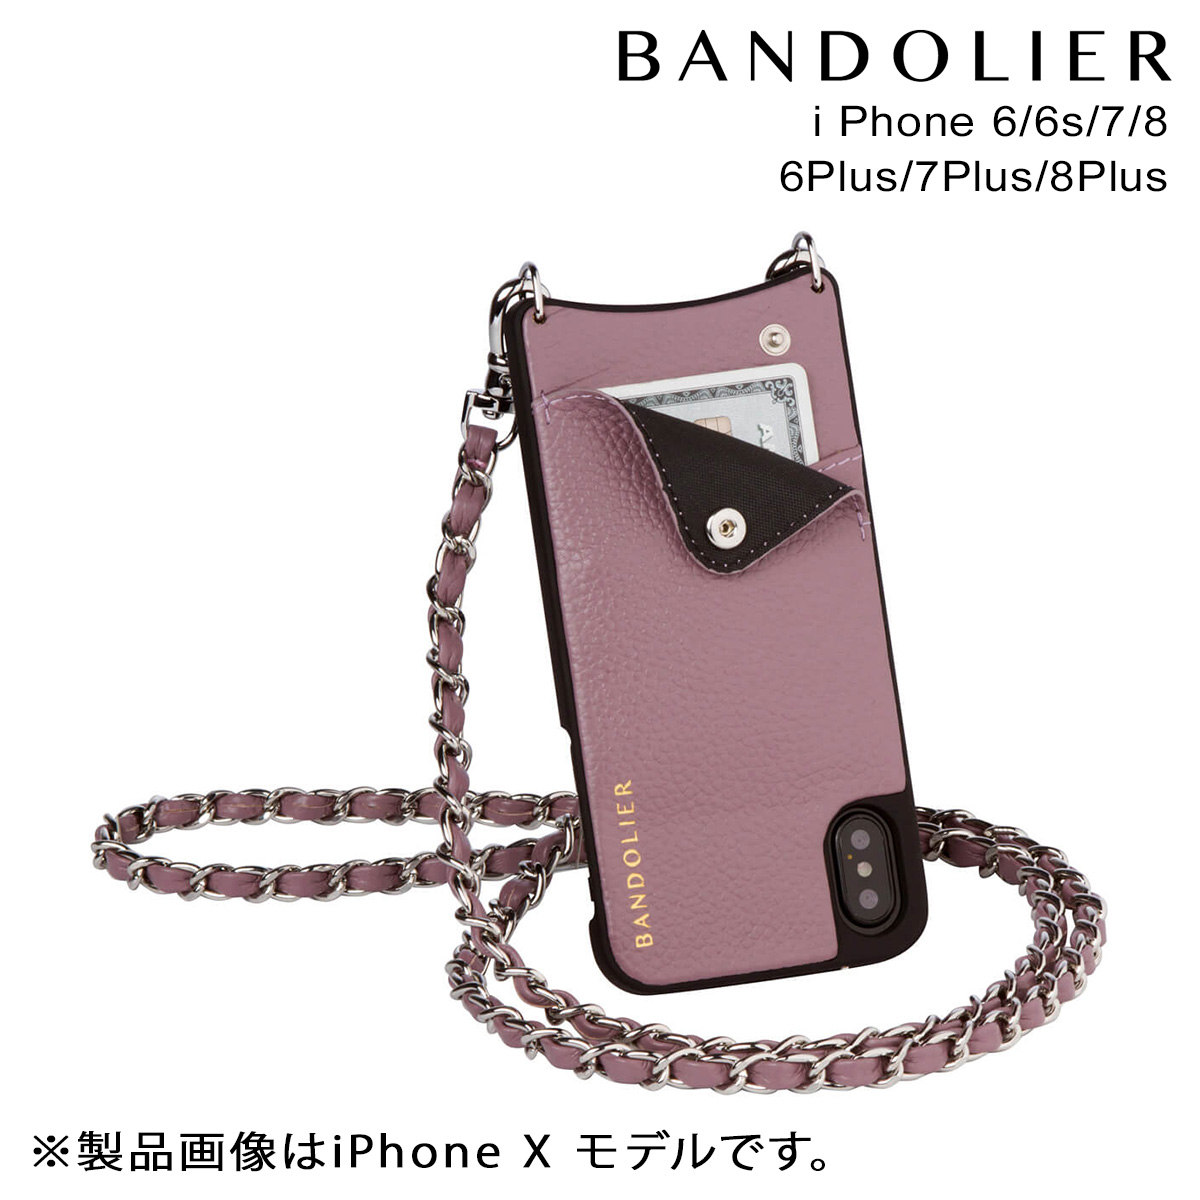 BANDOLIER iPhone8 iPhone7 7Plus 6s LUCY IRIS バンドリヤー ケース スマホ アイフォン プラス メンズ レディース